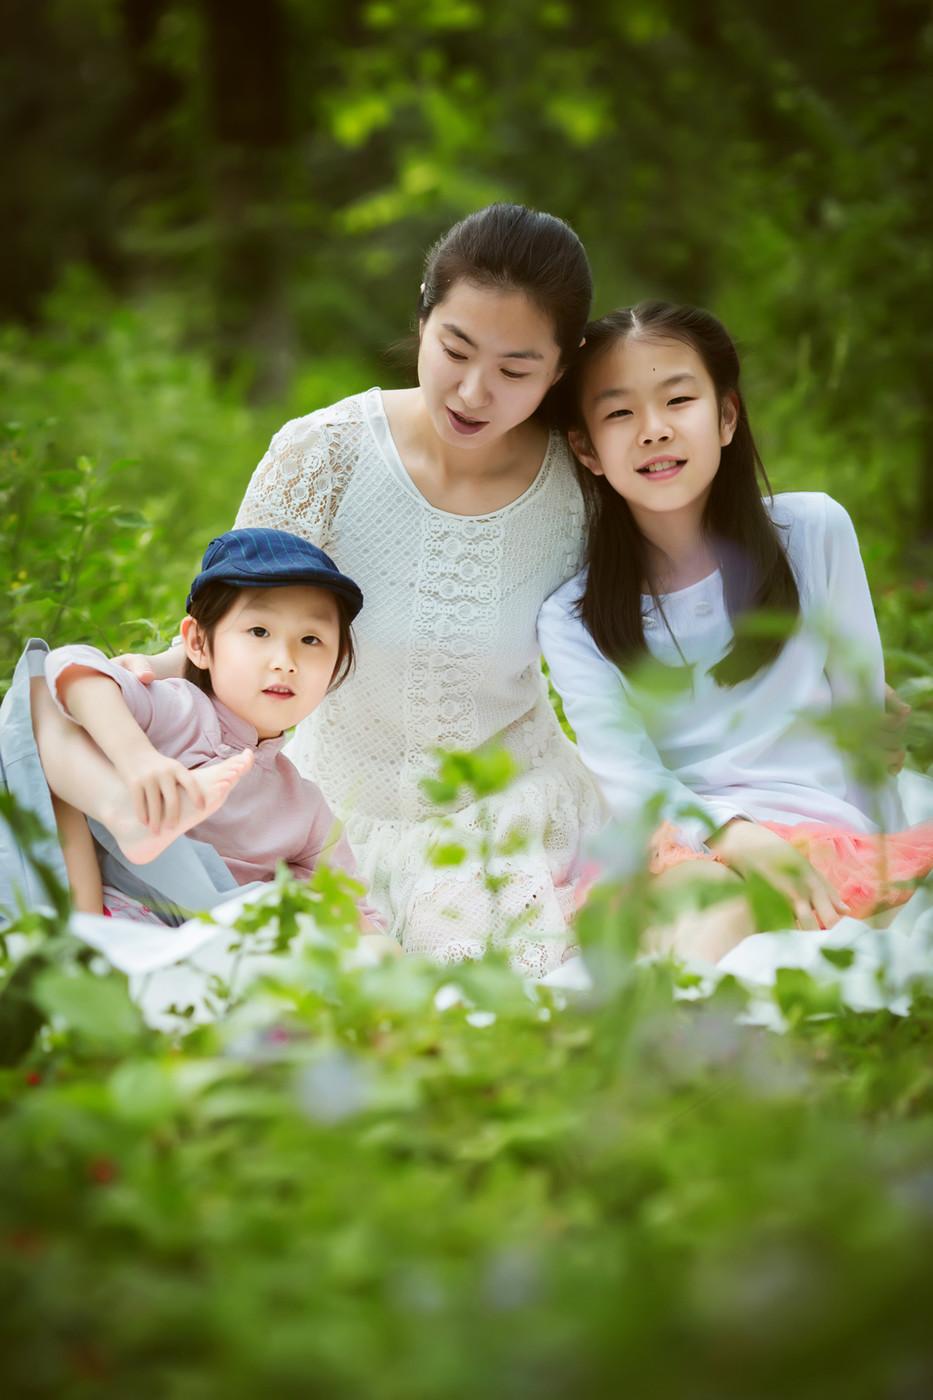 盛夏时节-带孩子们拍起来7